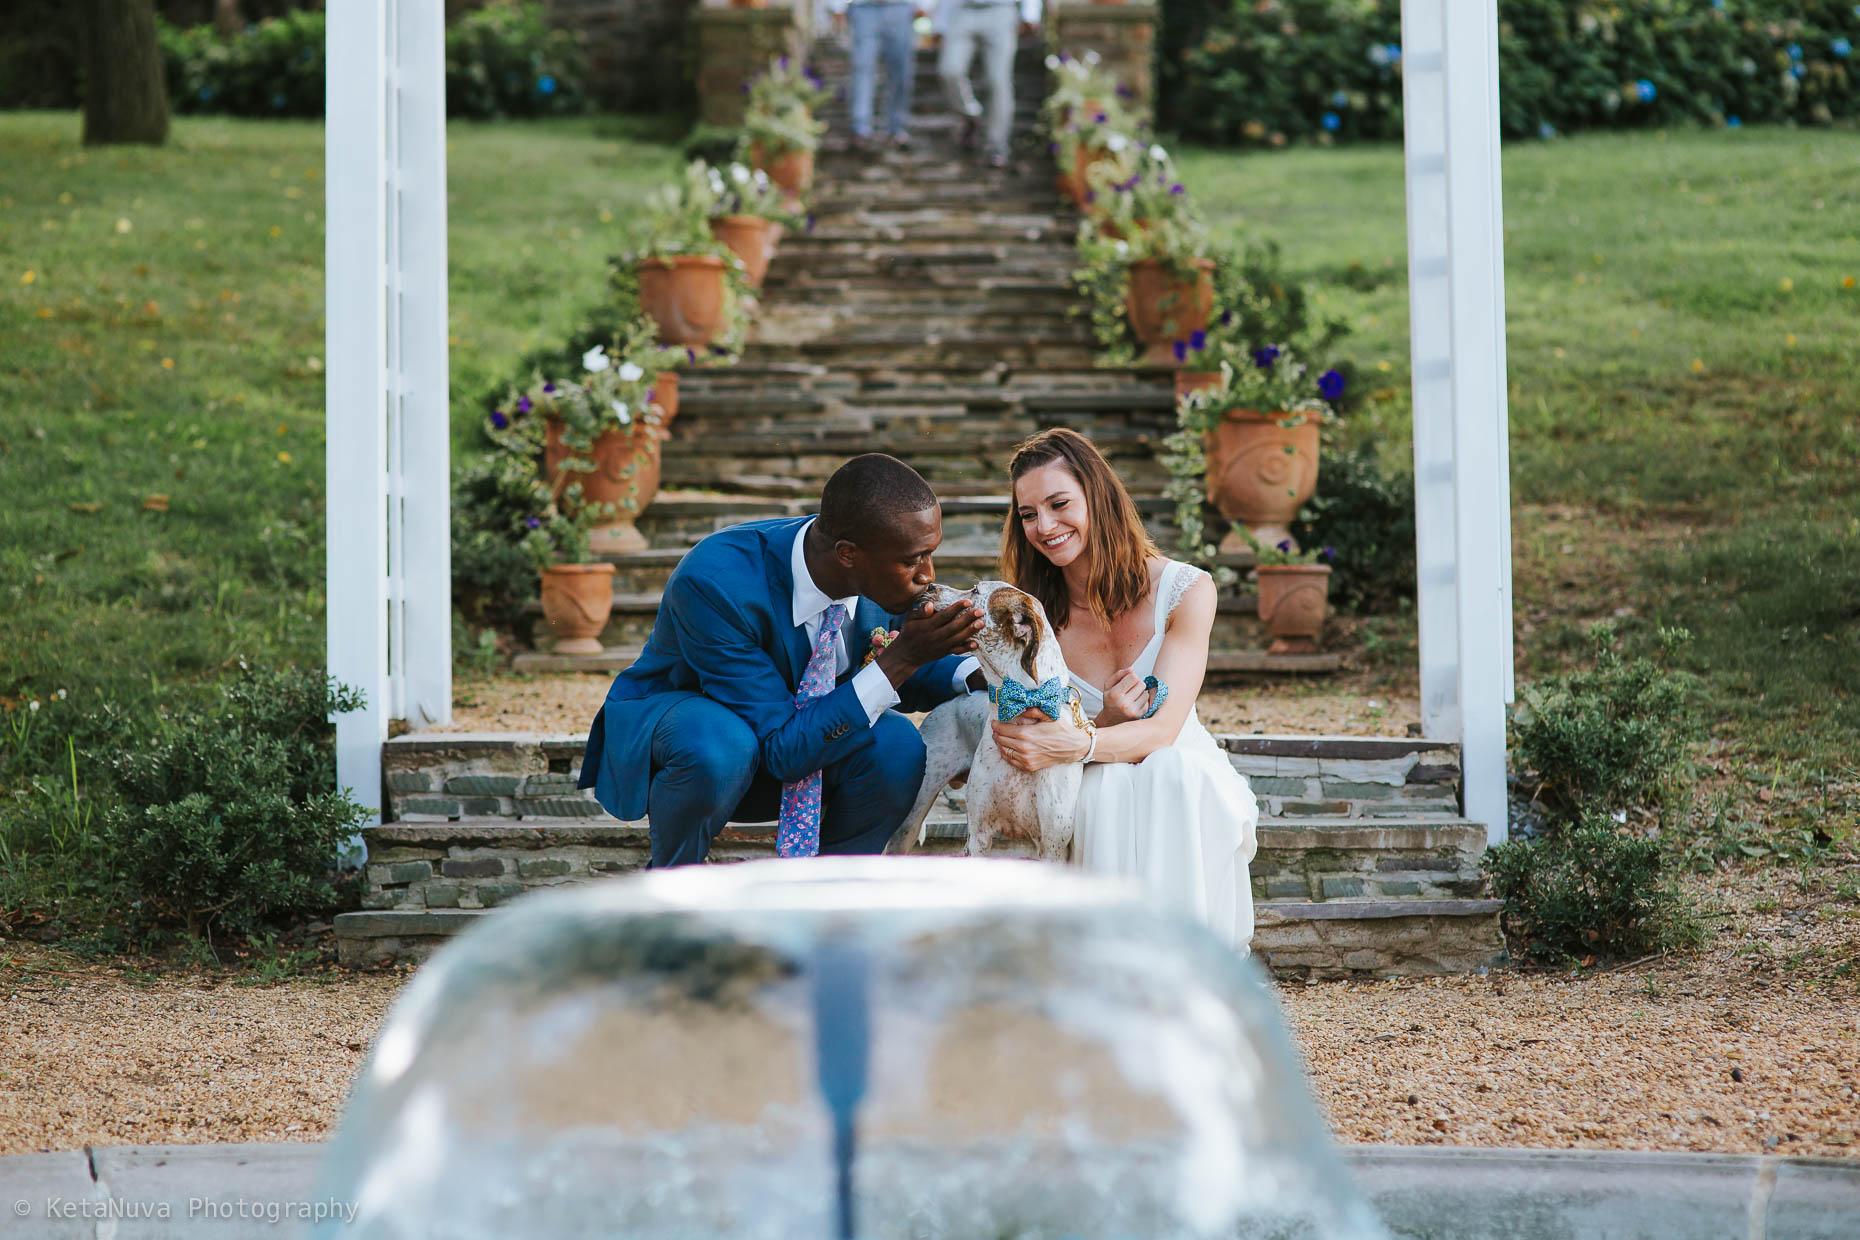 Sunken Garden - Lauxmont Farms Wedding | Aubrey & Barrett Lauxmont Farms Wedding Sunken Garden37